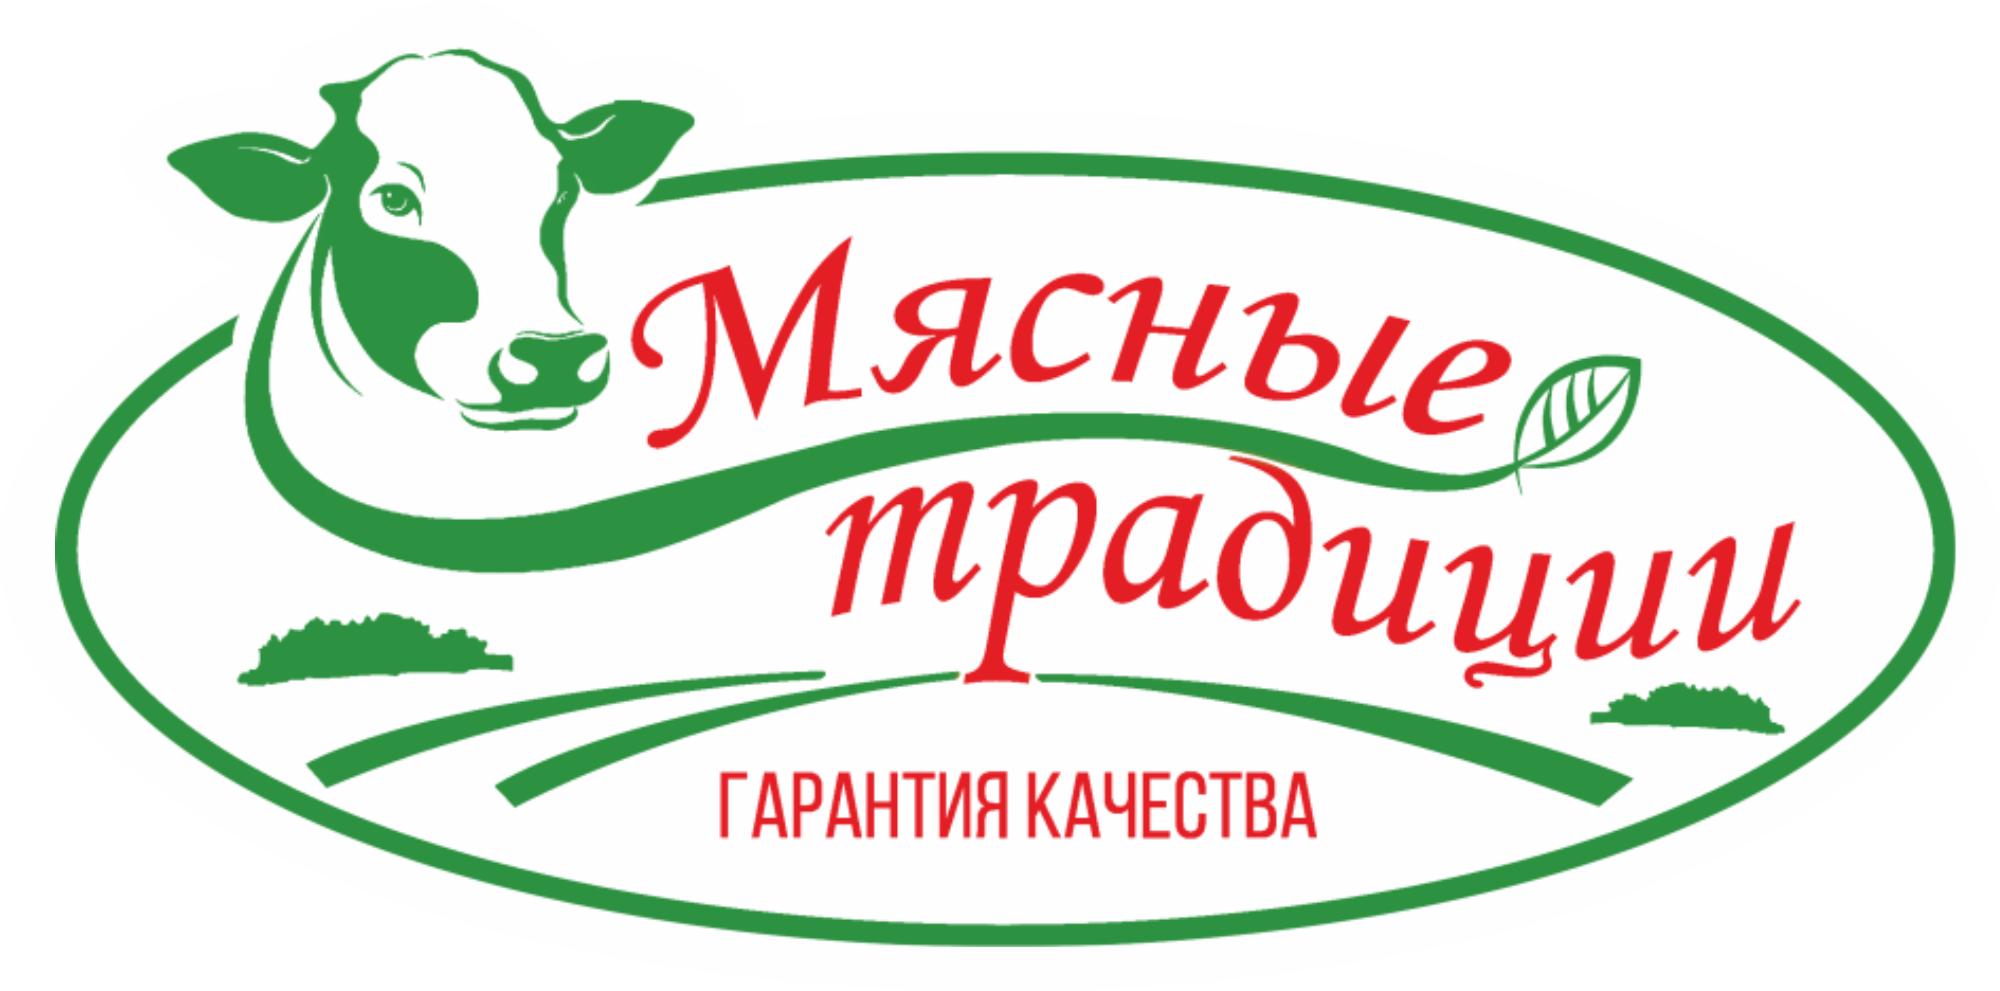 Мясные традиции